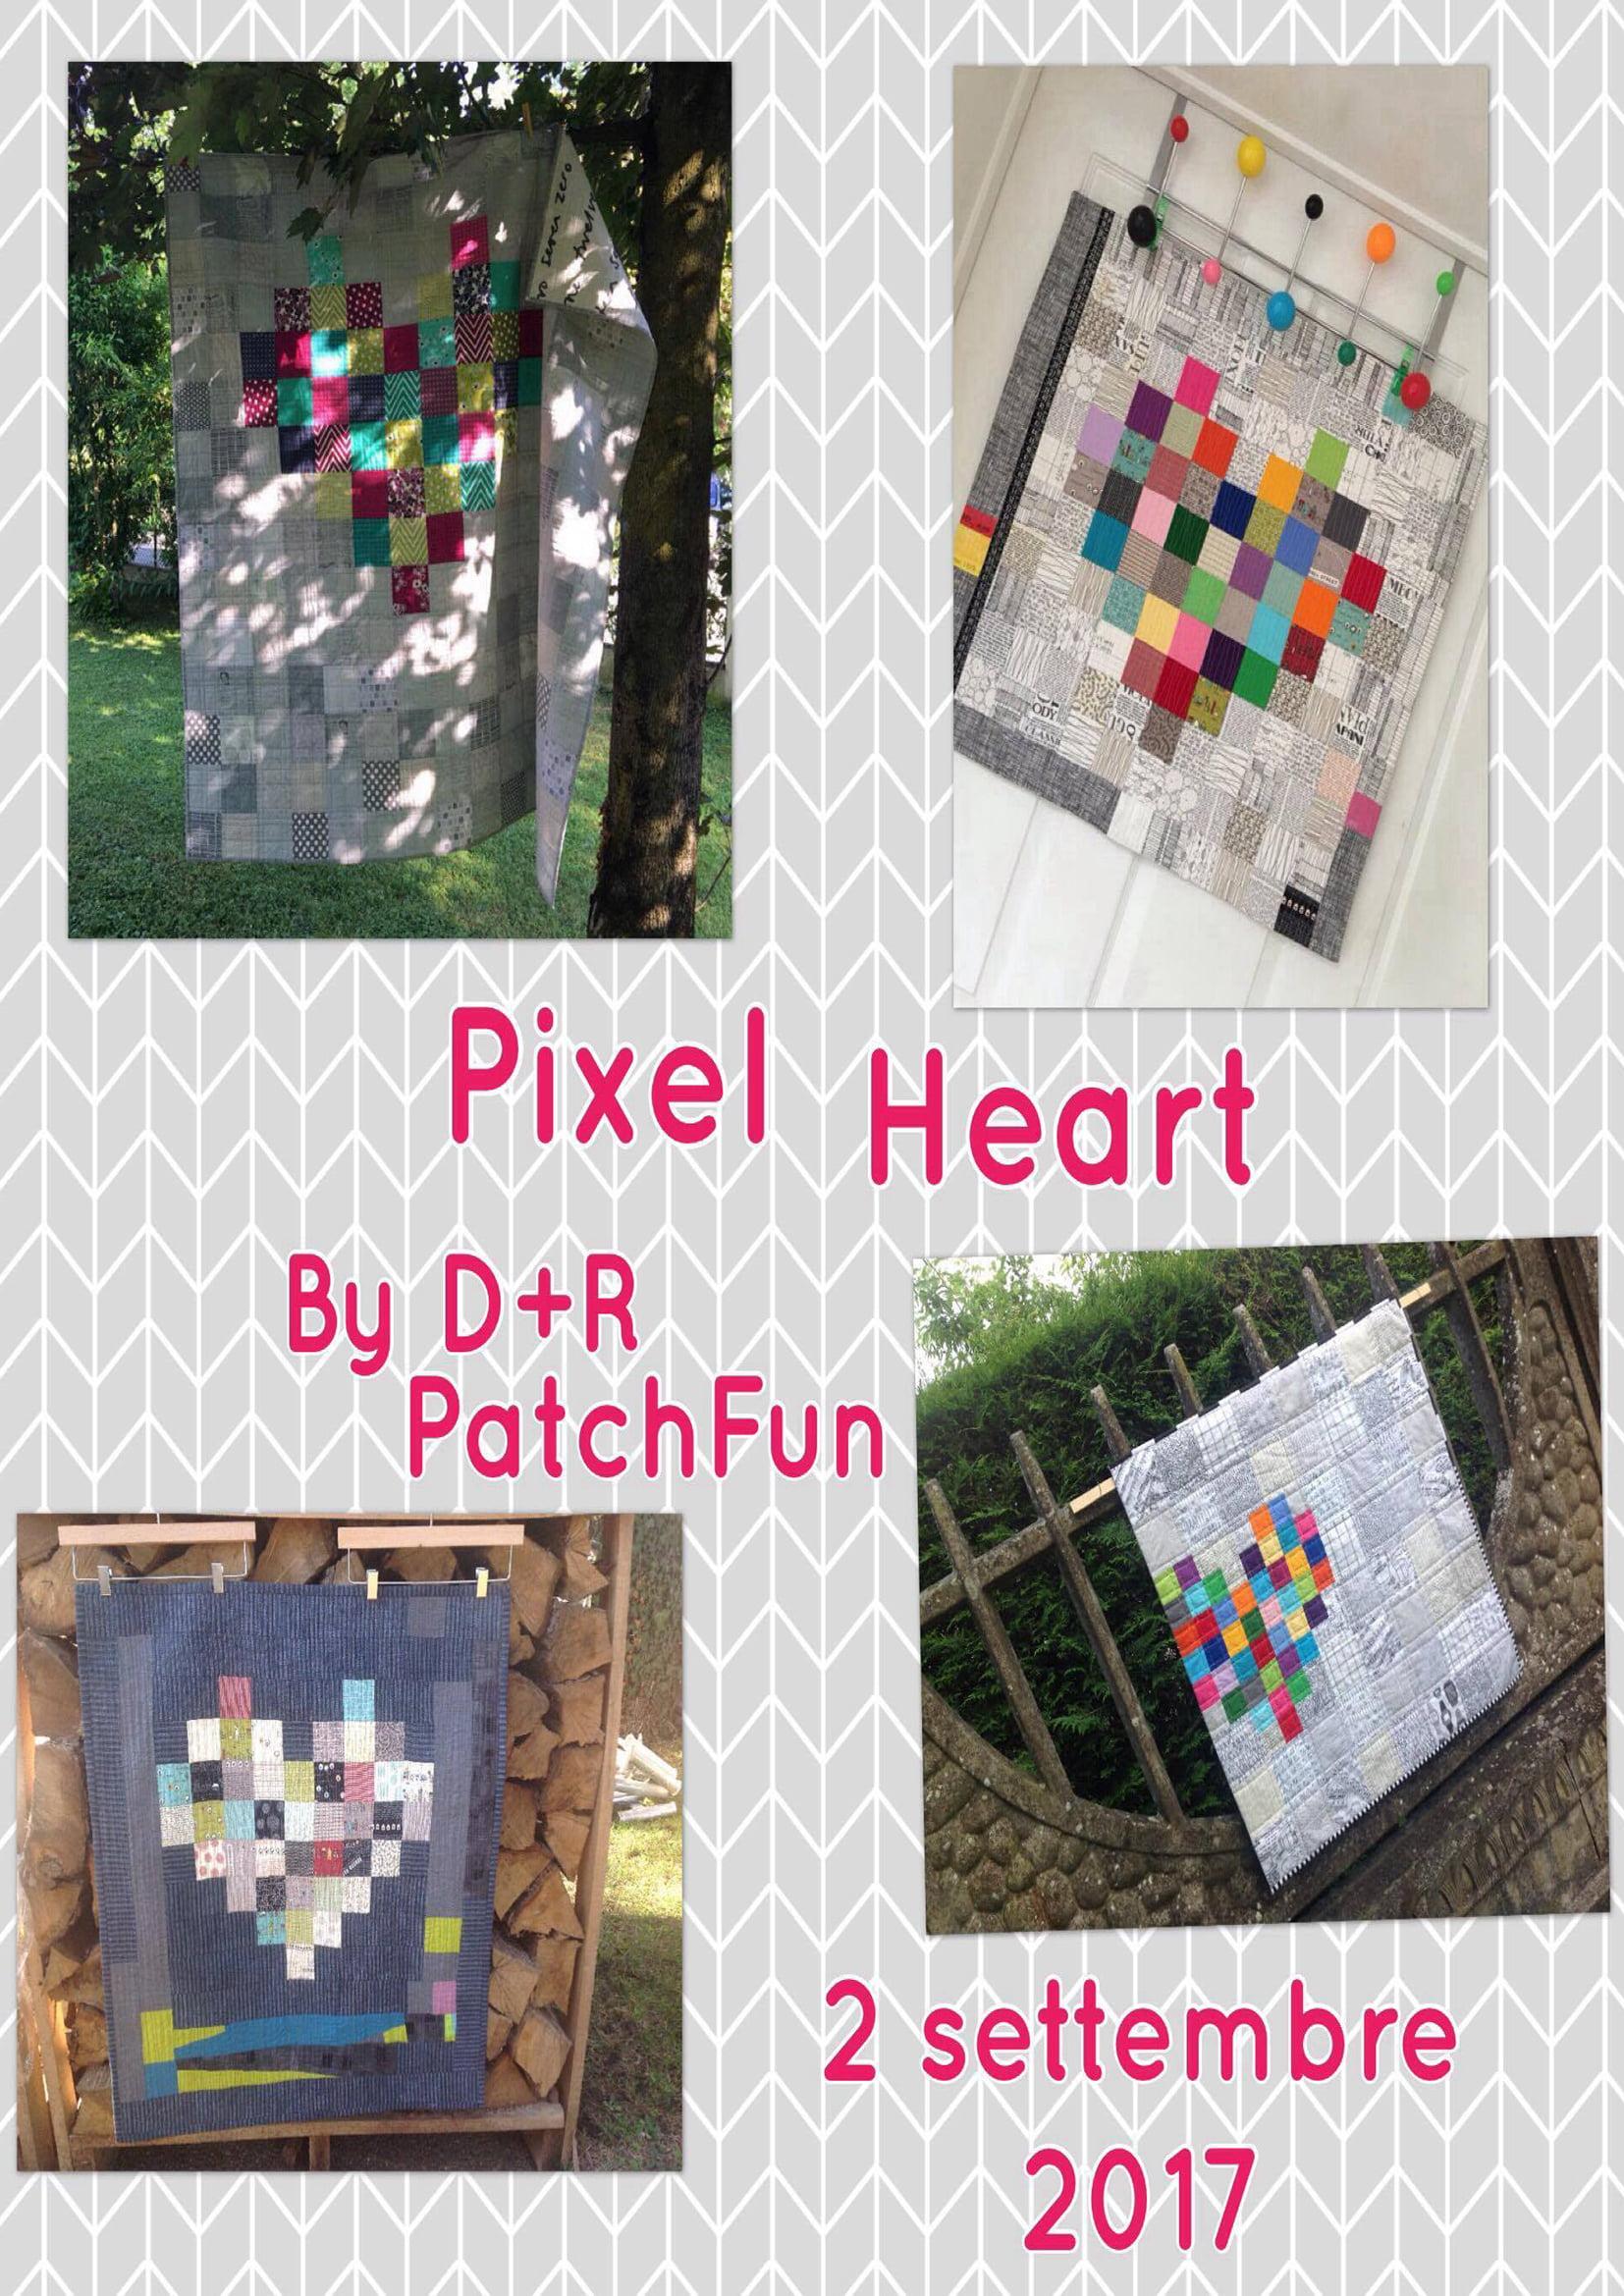 Pixel heart_locandina